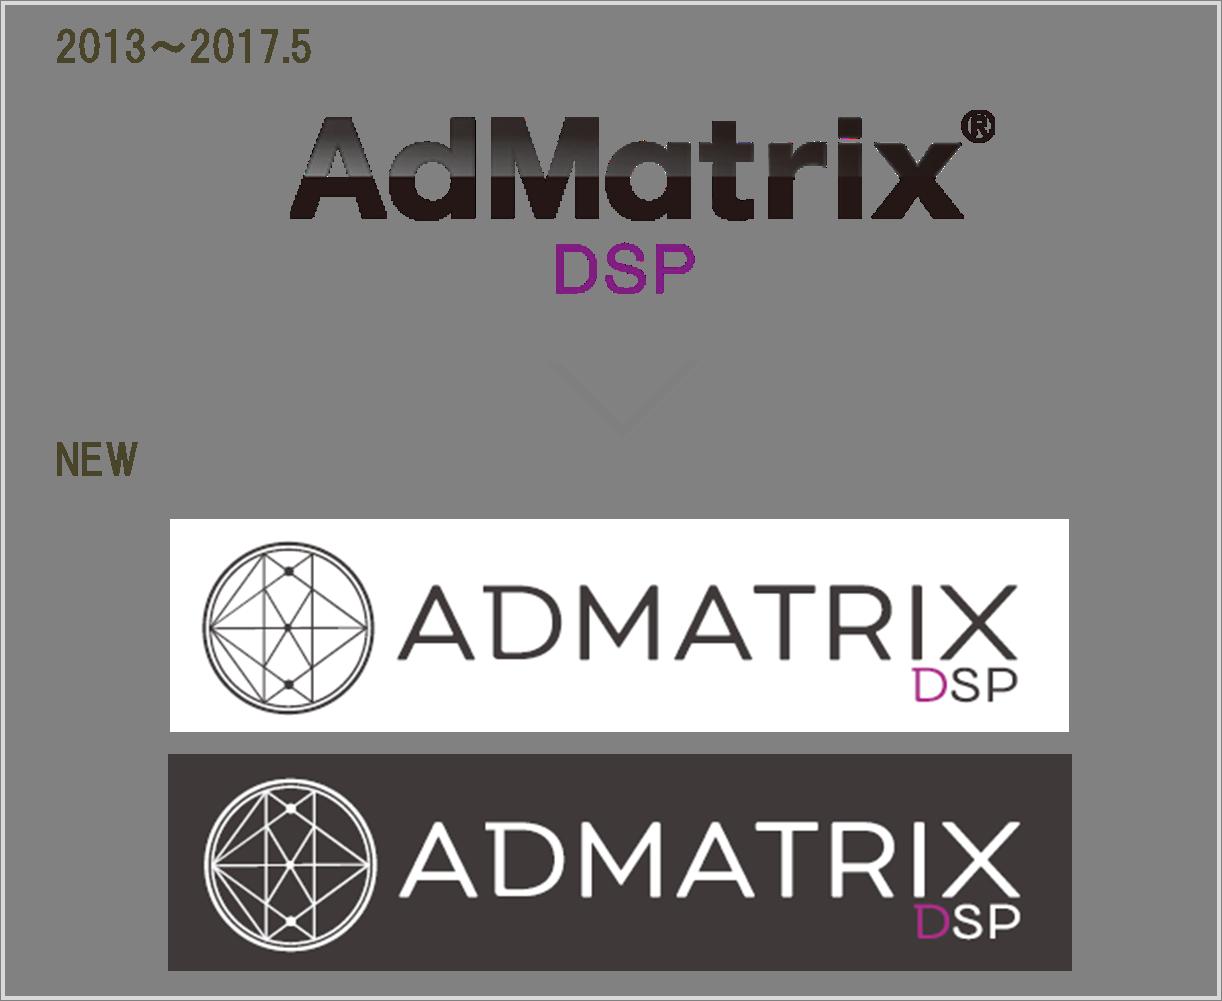 ADMATRIX DSP